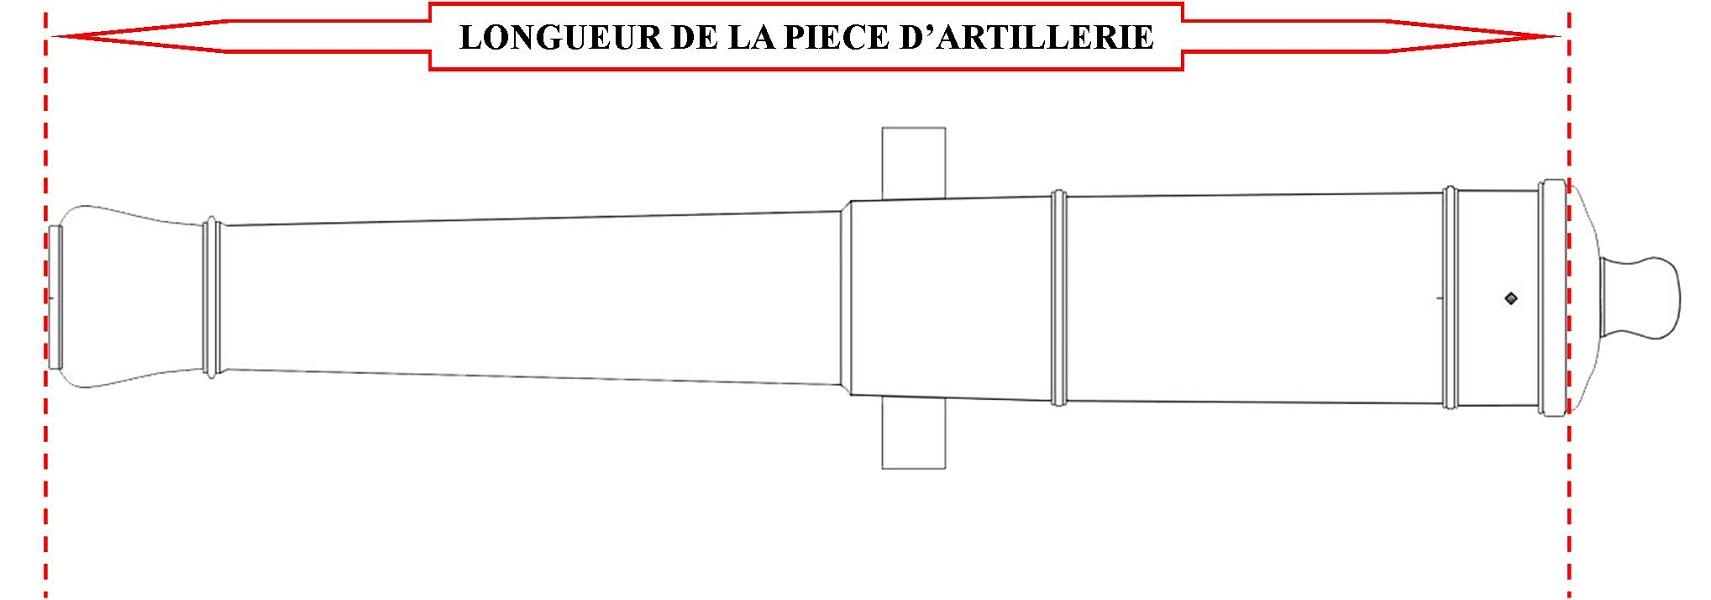 Etude et tracé d'un canon de fer selon Jean Maritz - Période 1733 à 1766 Ab_lon10